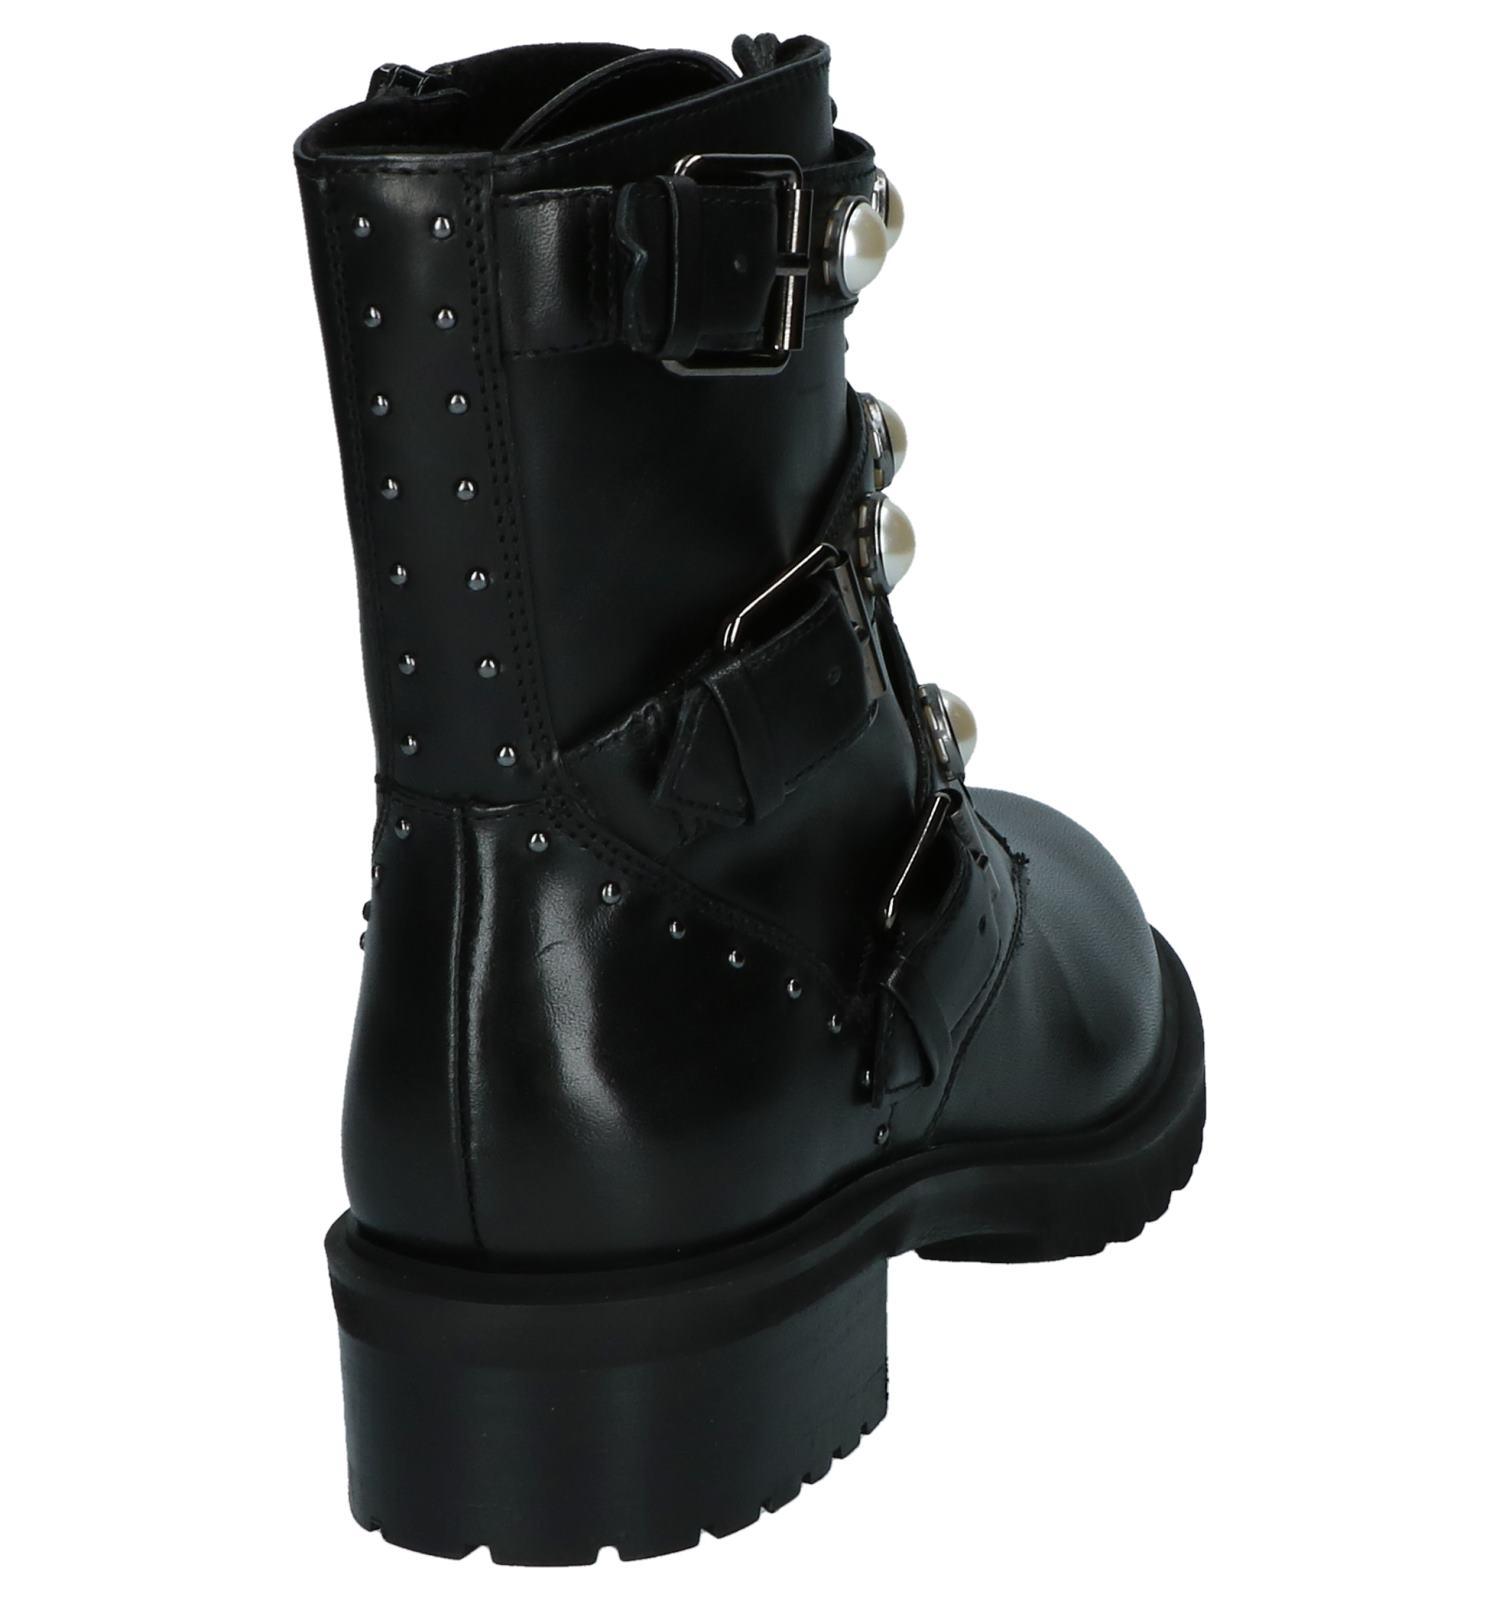 Wonderbaarlijk Zwarte Stoere Boots met Parels SPM | TORFS.BE | Gratis verzend en YE-73